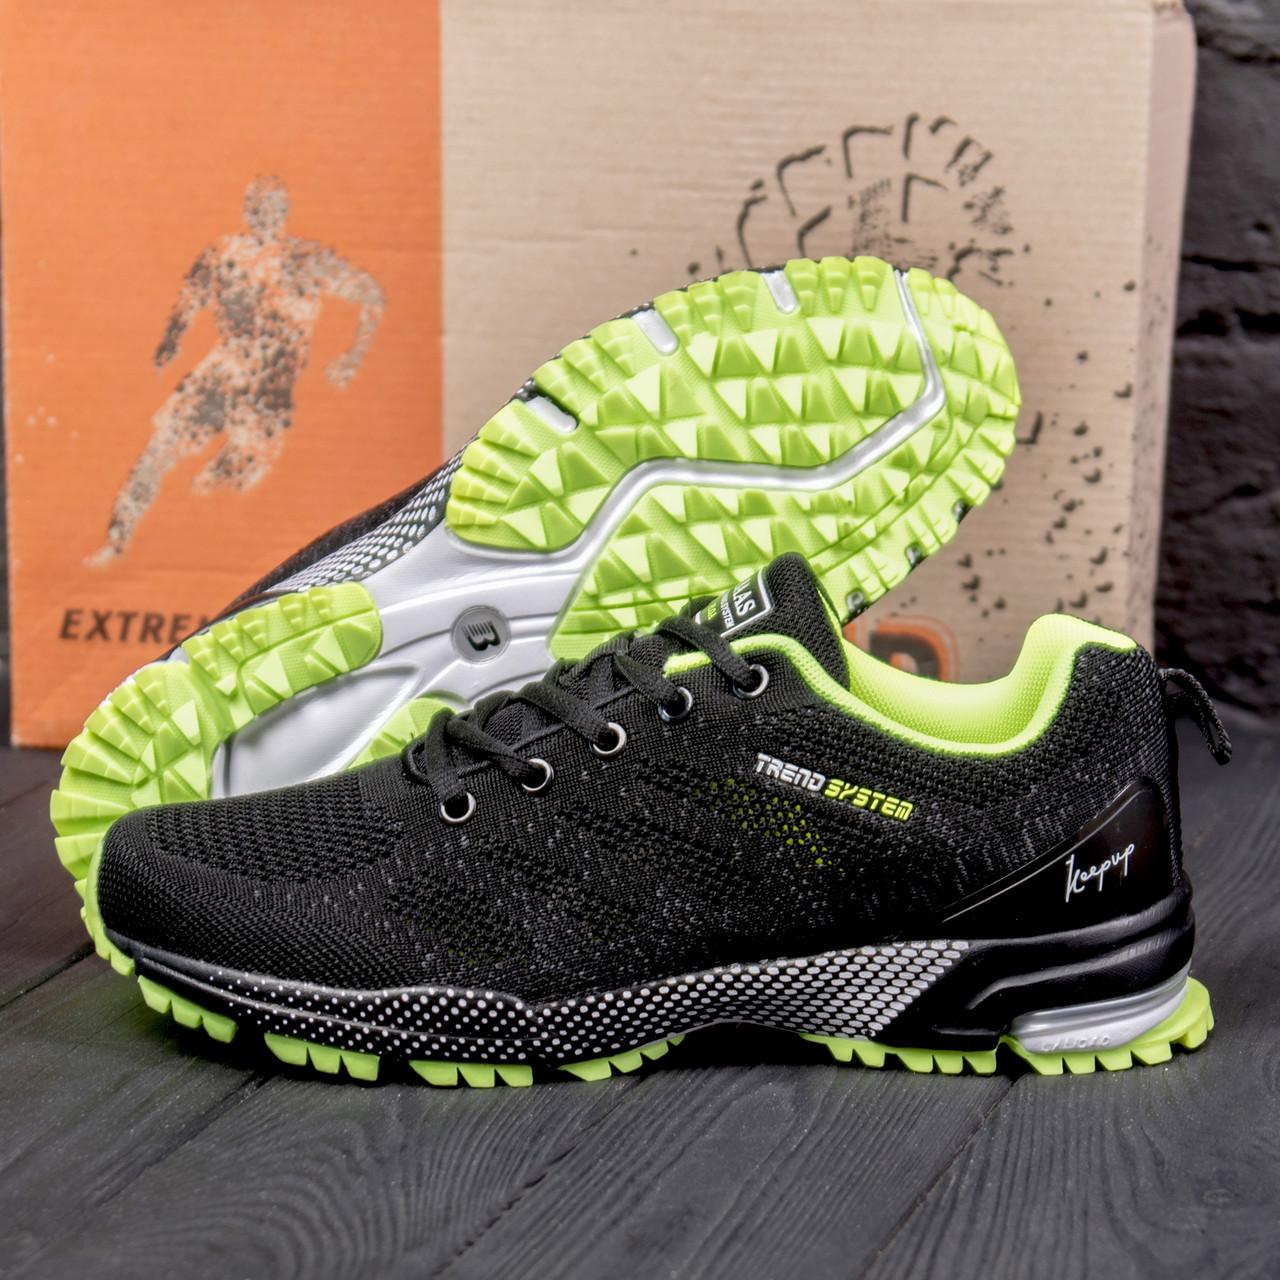 Спортивные мужские кроссовки из кожи с текстильным верхом BS TREND SYSTEM  Black